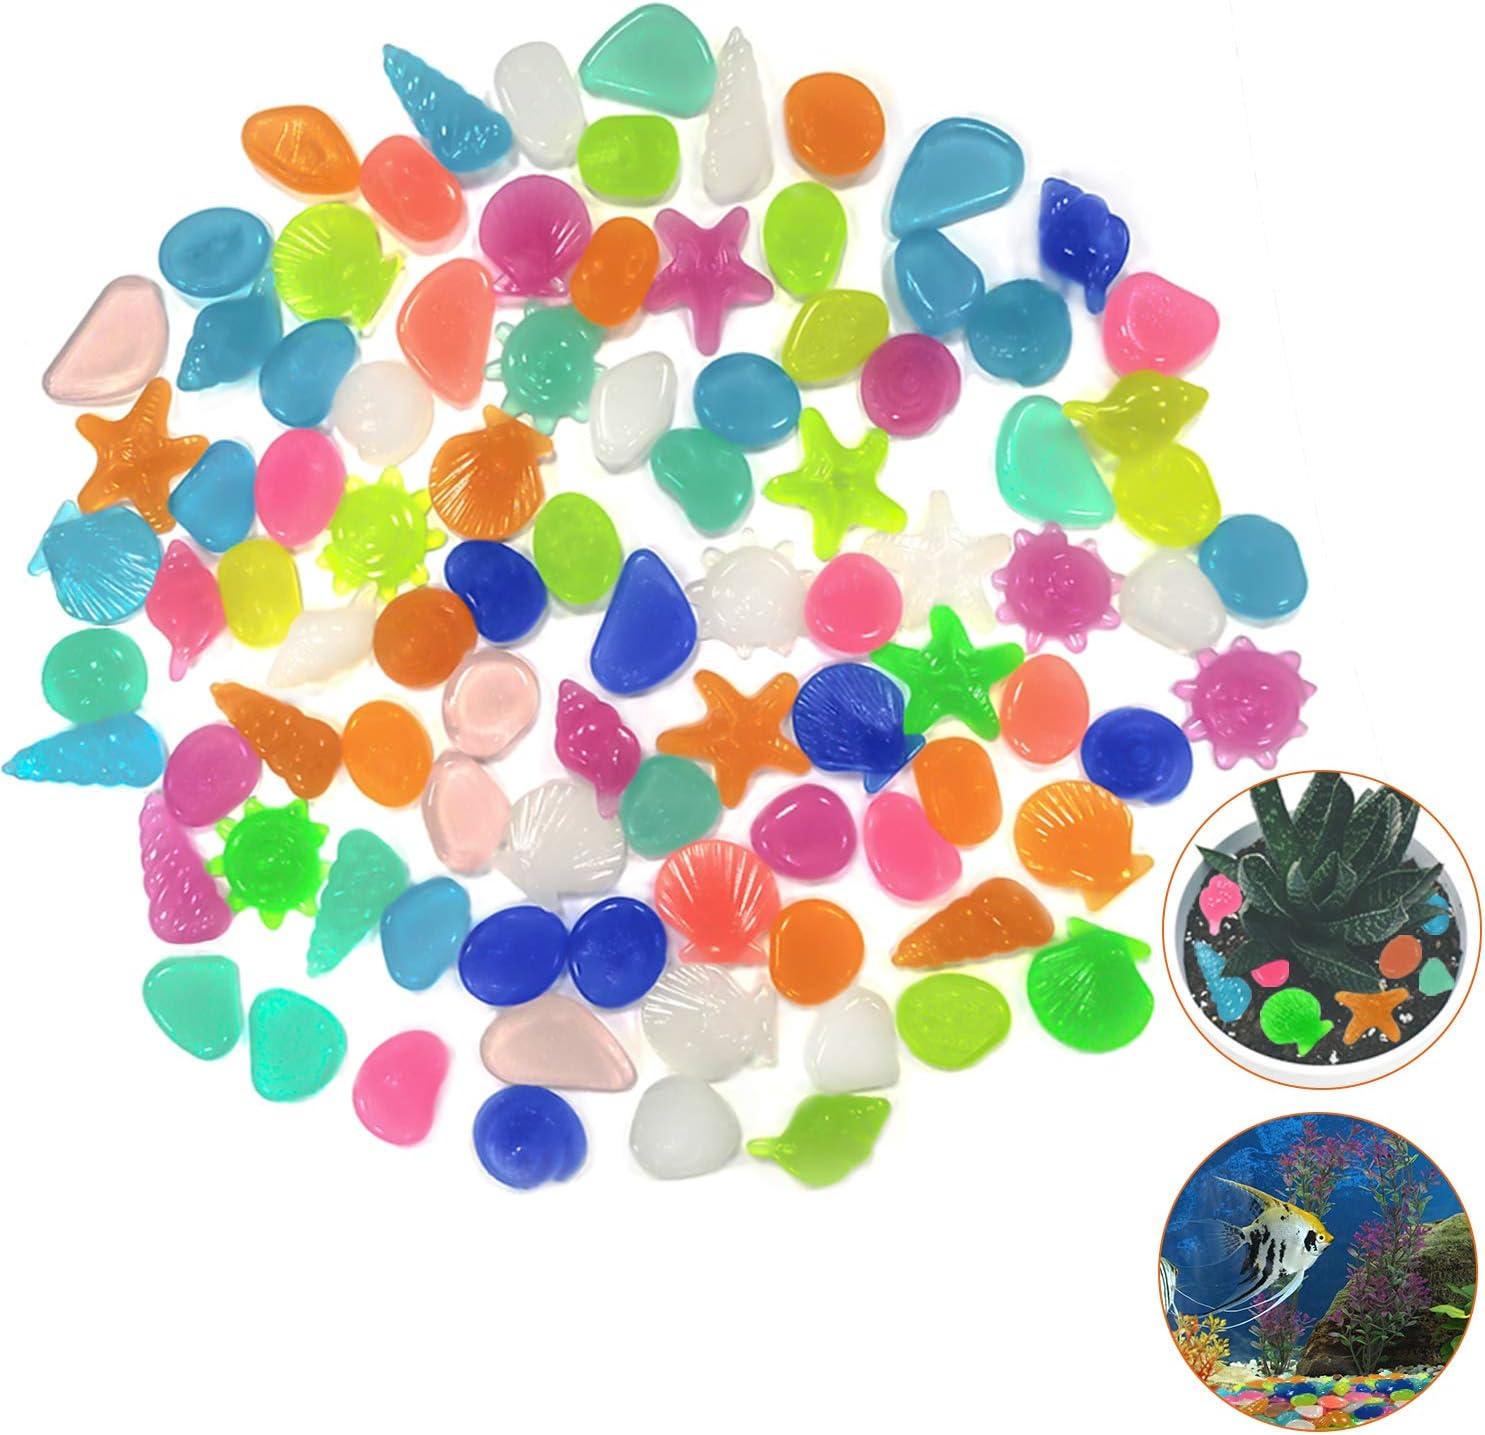 Yisscen Guijarros brillantes, piedras luminosas, 90 piezas de guijarros fluorescentes, concha de estrella de piedra brillante, para acuarios Decoración de viveros de jardín (color mixto): Amazon.es: Jardín